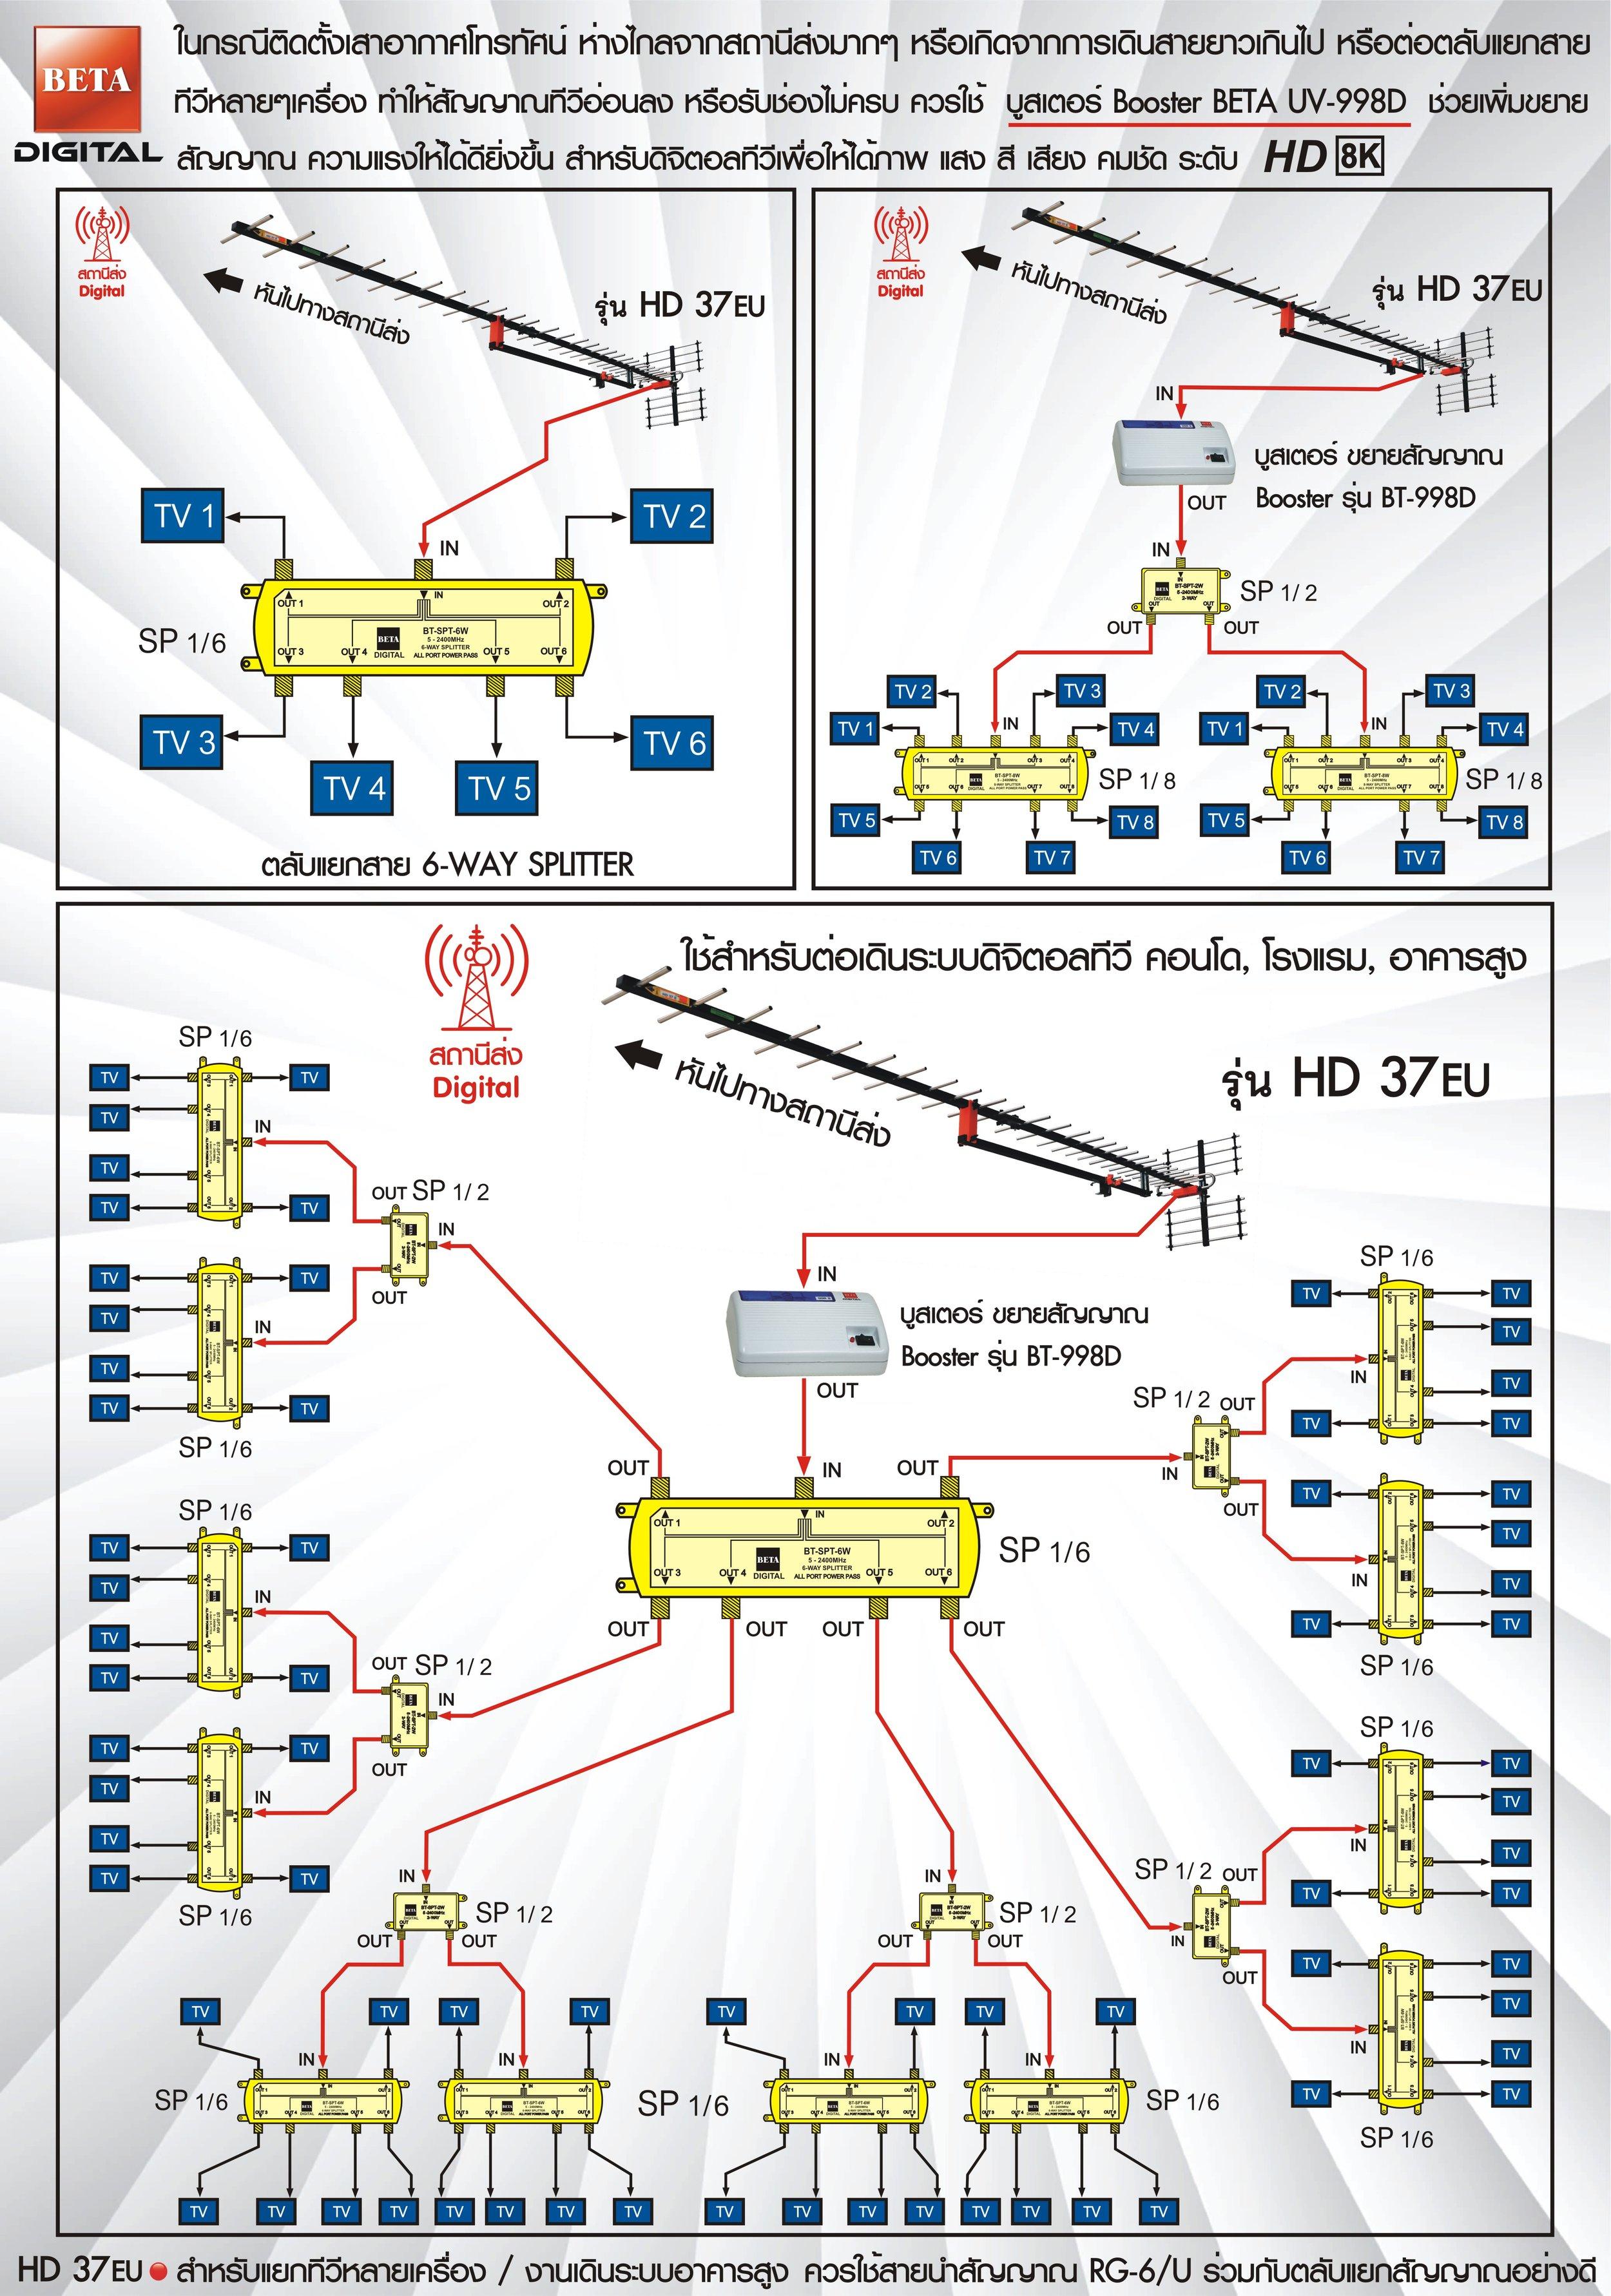 HD37EU_ต่อตลับแยก-62.JPG